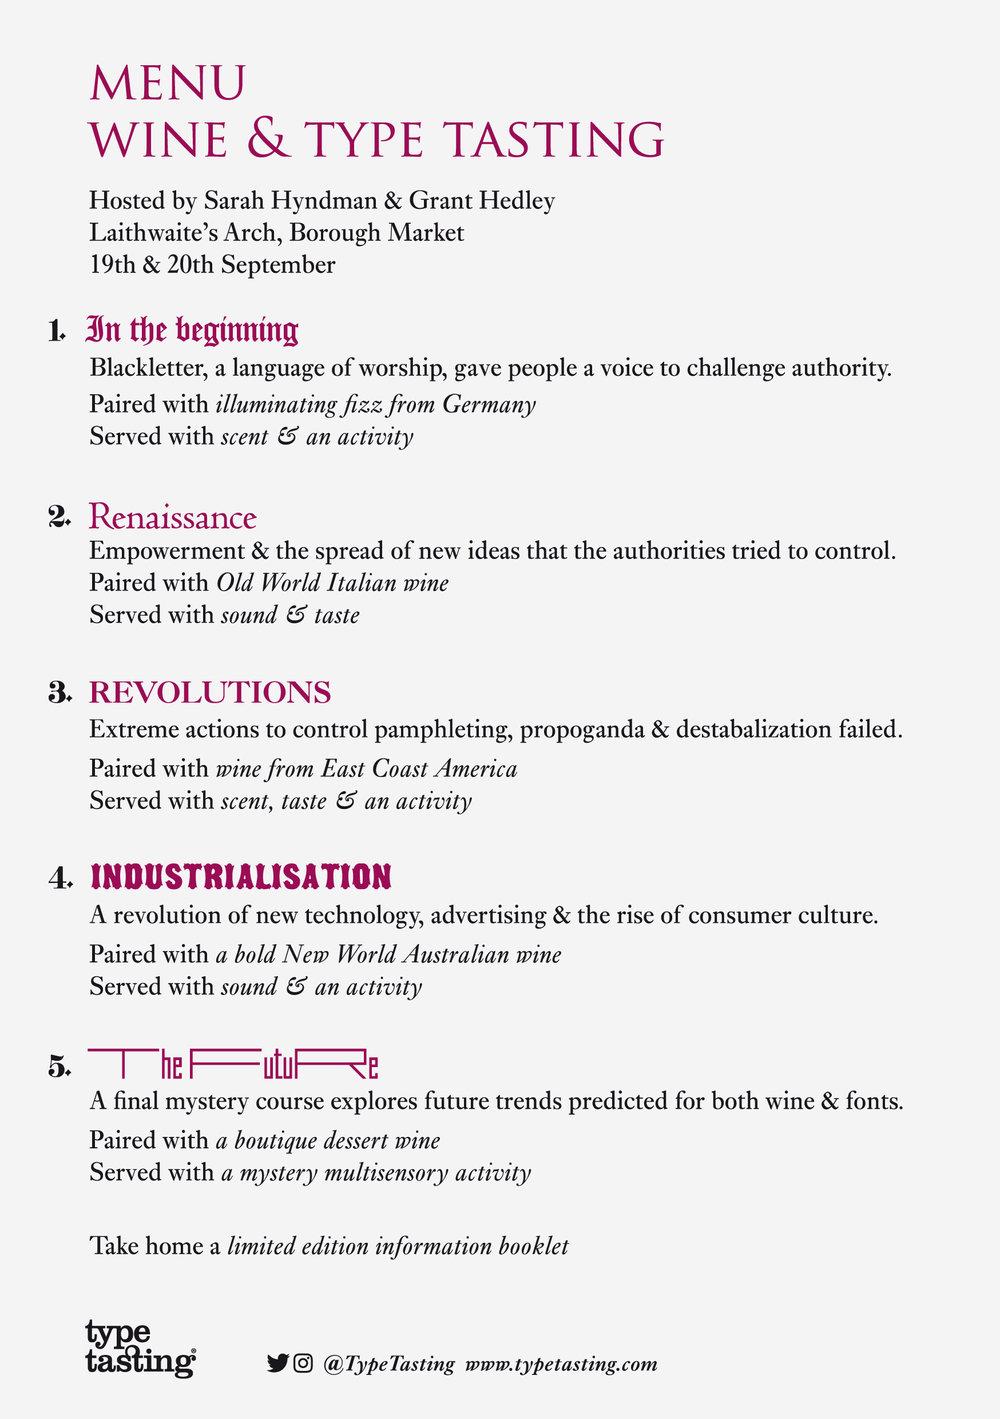 Wine & Type Tasting menu